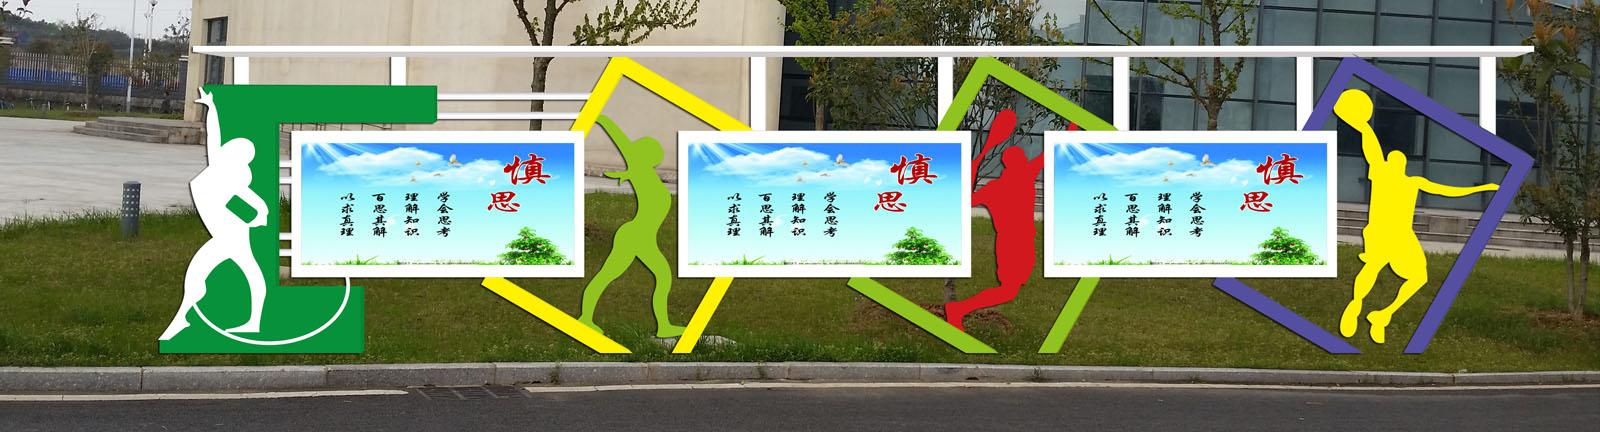 鞍山公交候车亭